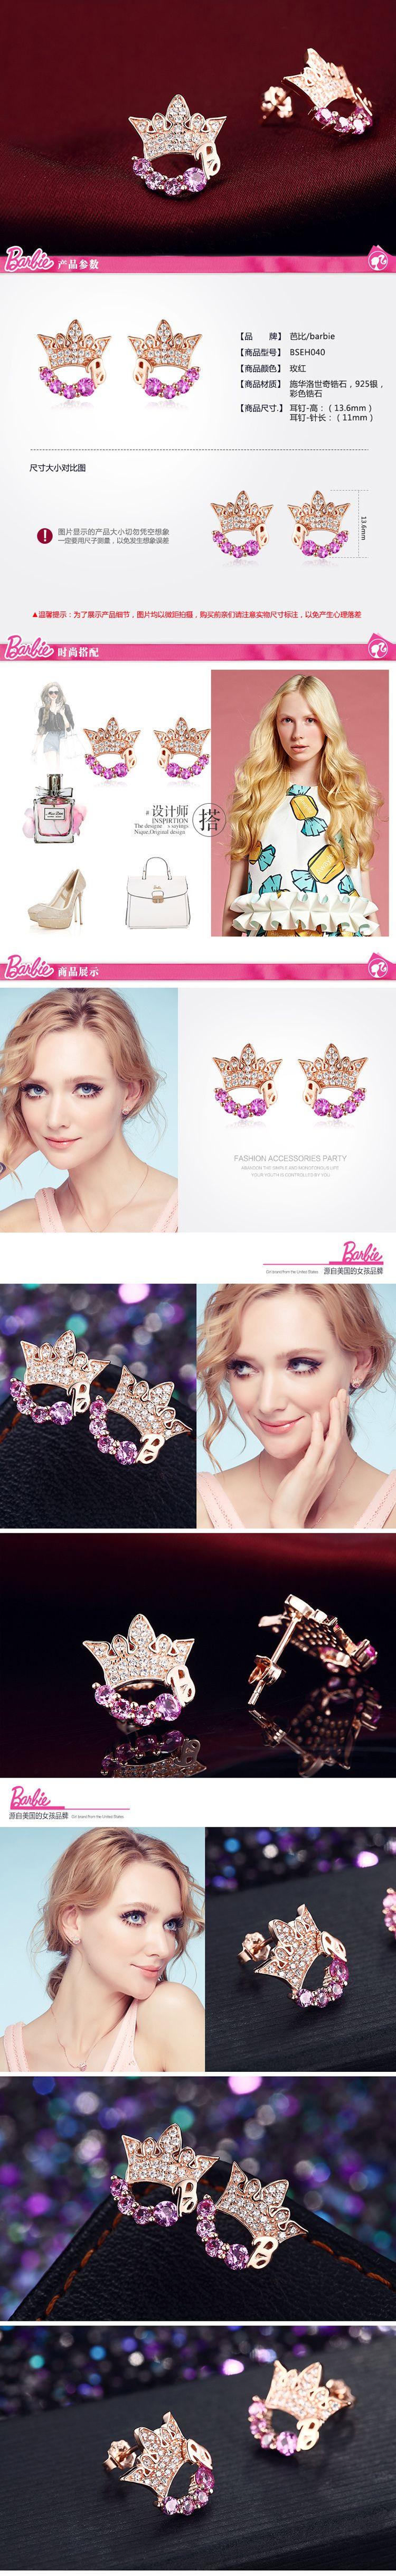 芭比barbie公主系列真爱加冕皇冠施华洛世奇锆石925